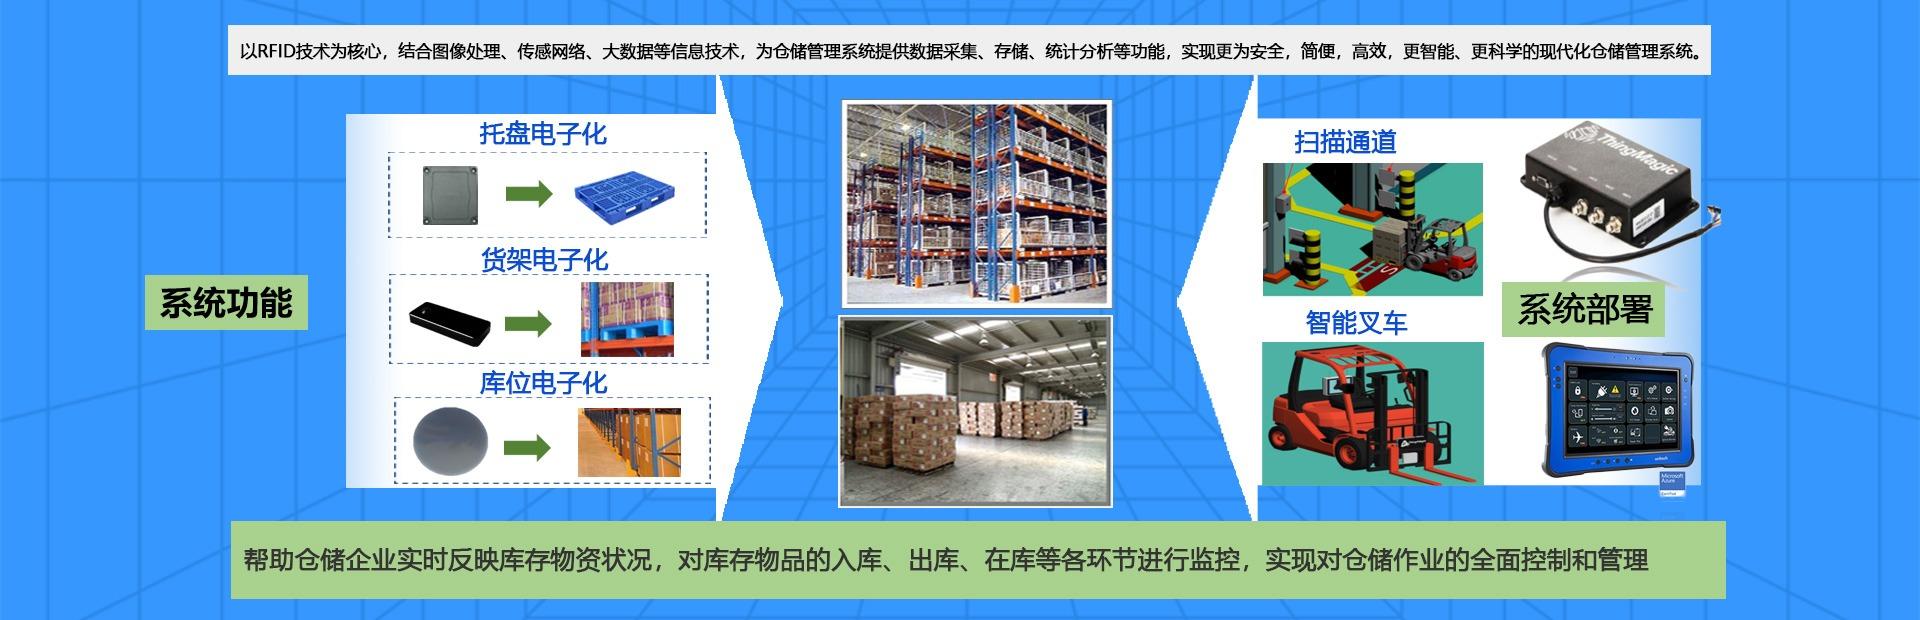 RFID仓储管理,汽车制造,智慧珠宝管理系统服务提供商-深圳铨顺宏